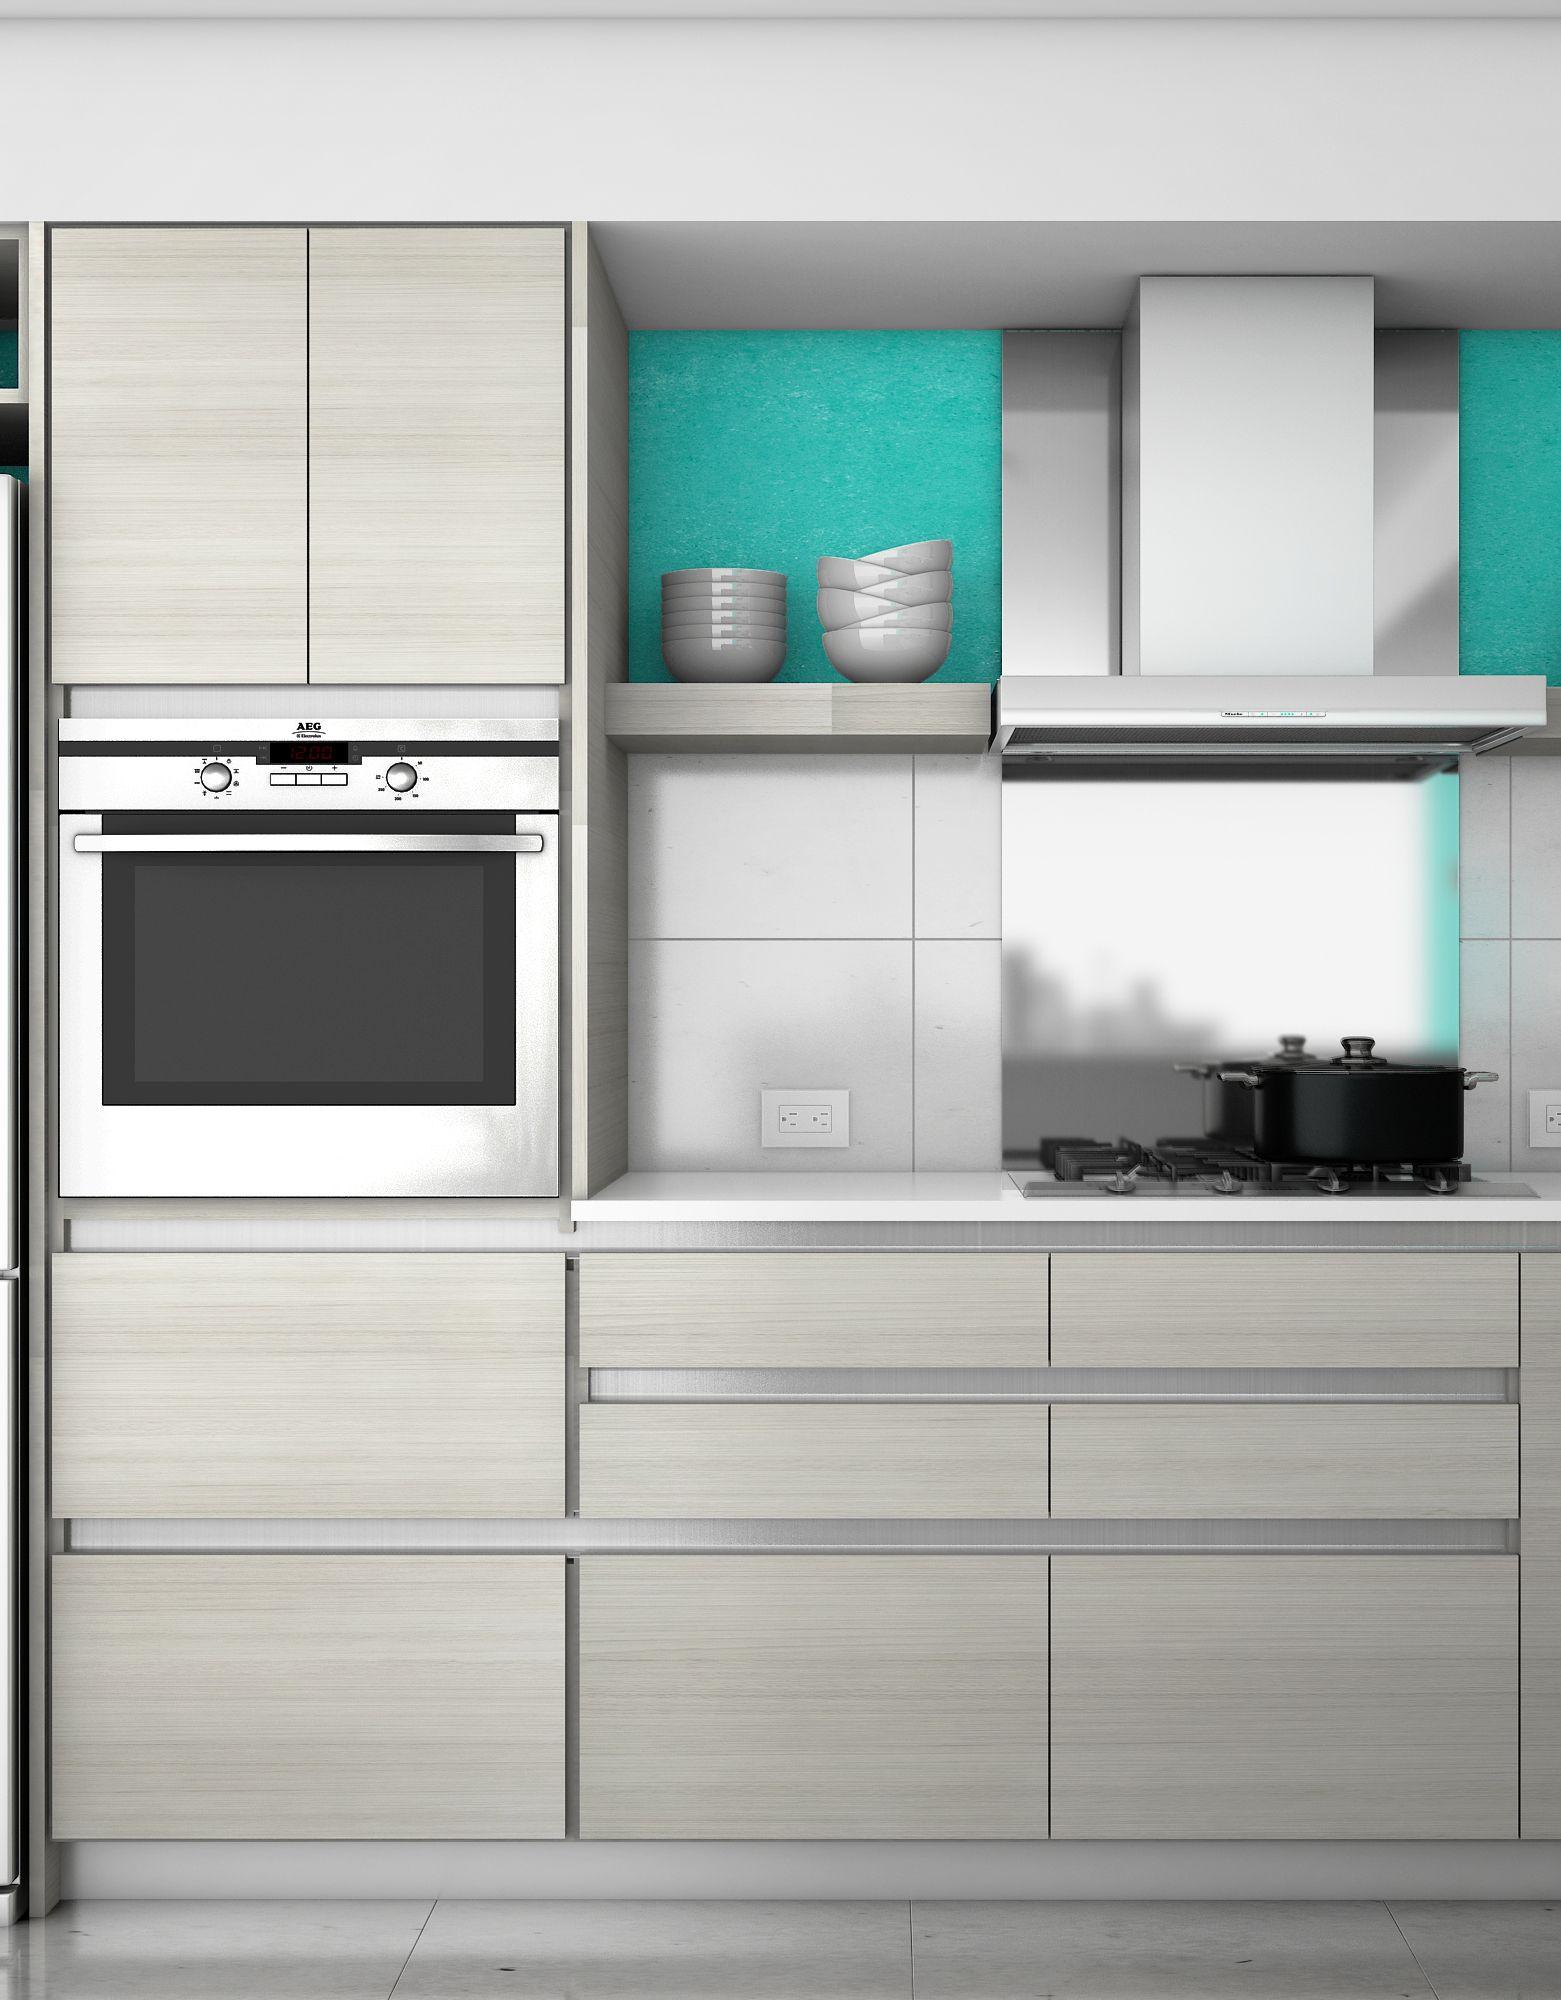 The 25 best tiradores de cocina ideas on pinterest - Tiradores de armarios de cocina ...